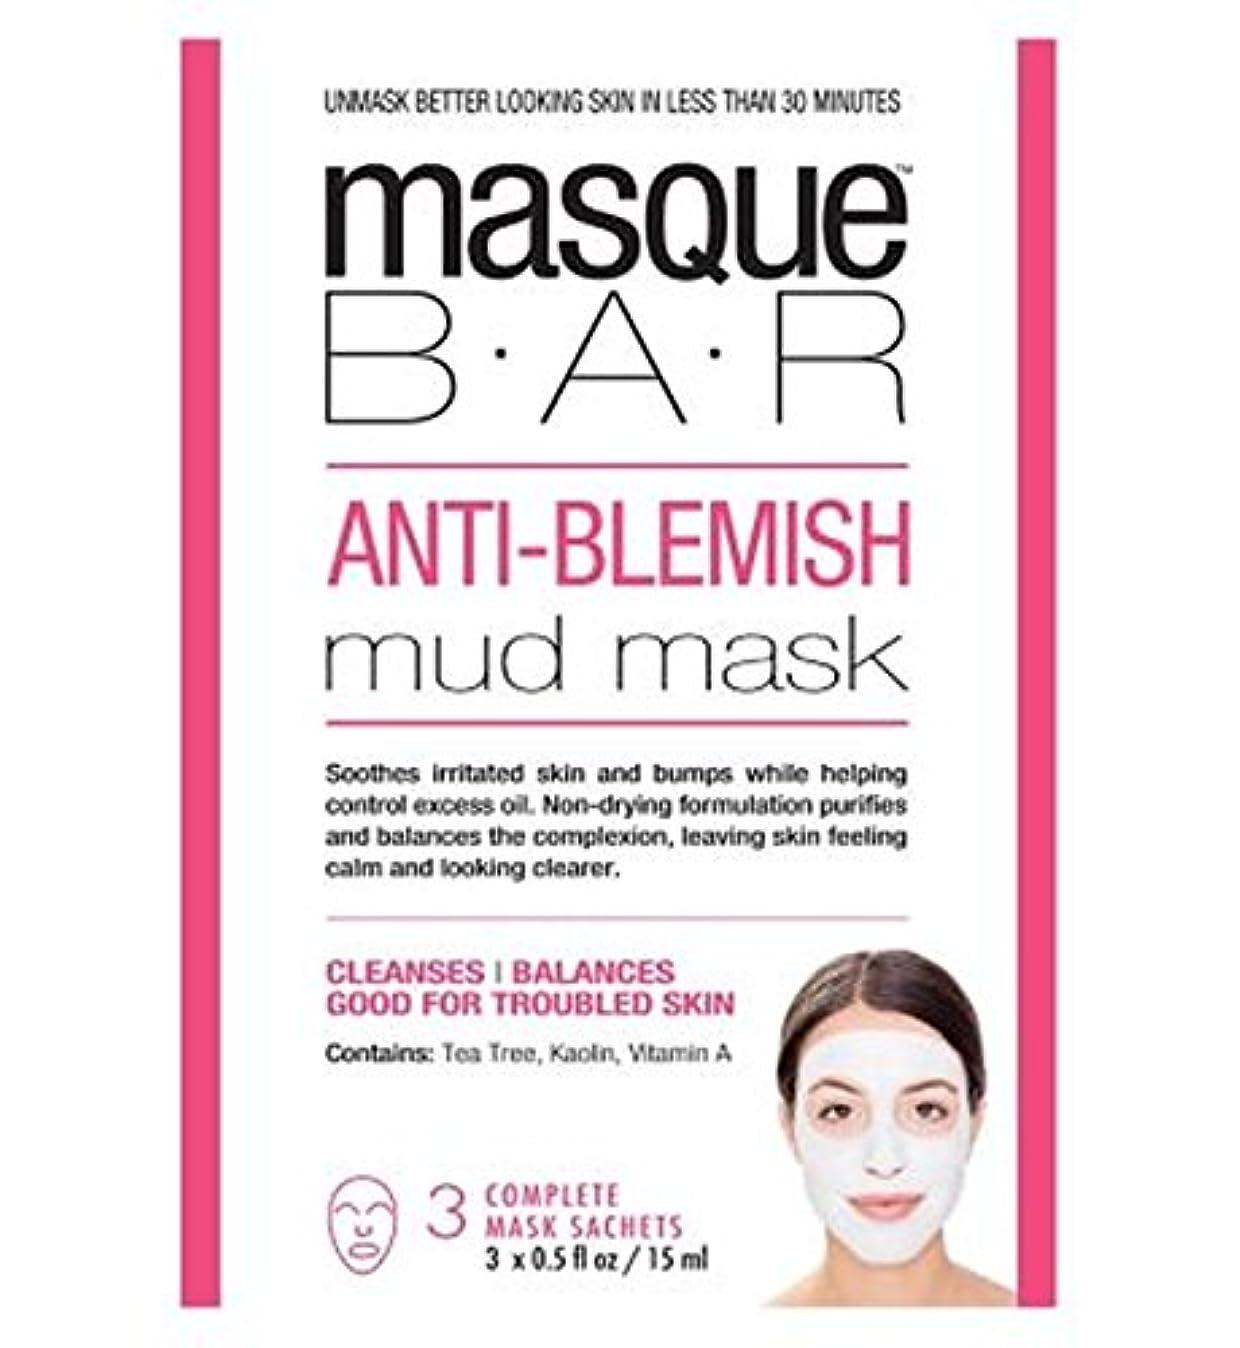 想定代替アライアンス仮面劇バー抗傷泥マスク - 3S (P6B Masque Bar Bt) (x2) - Masque Bar Anti-Blemish Mud Mask - 3s (Pack of 2) [並行輸入品]